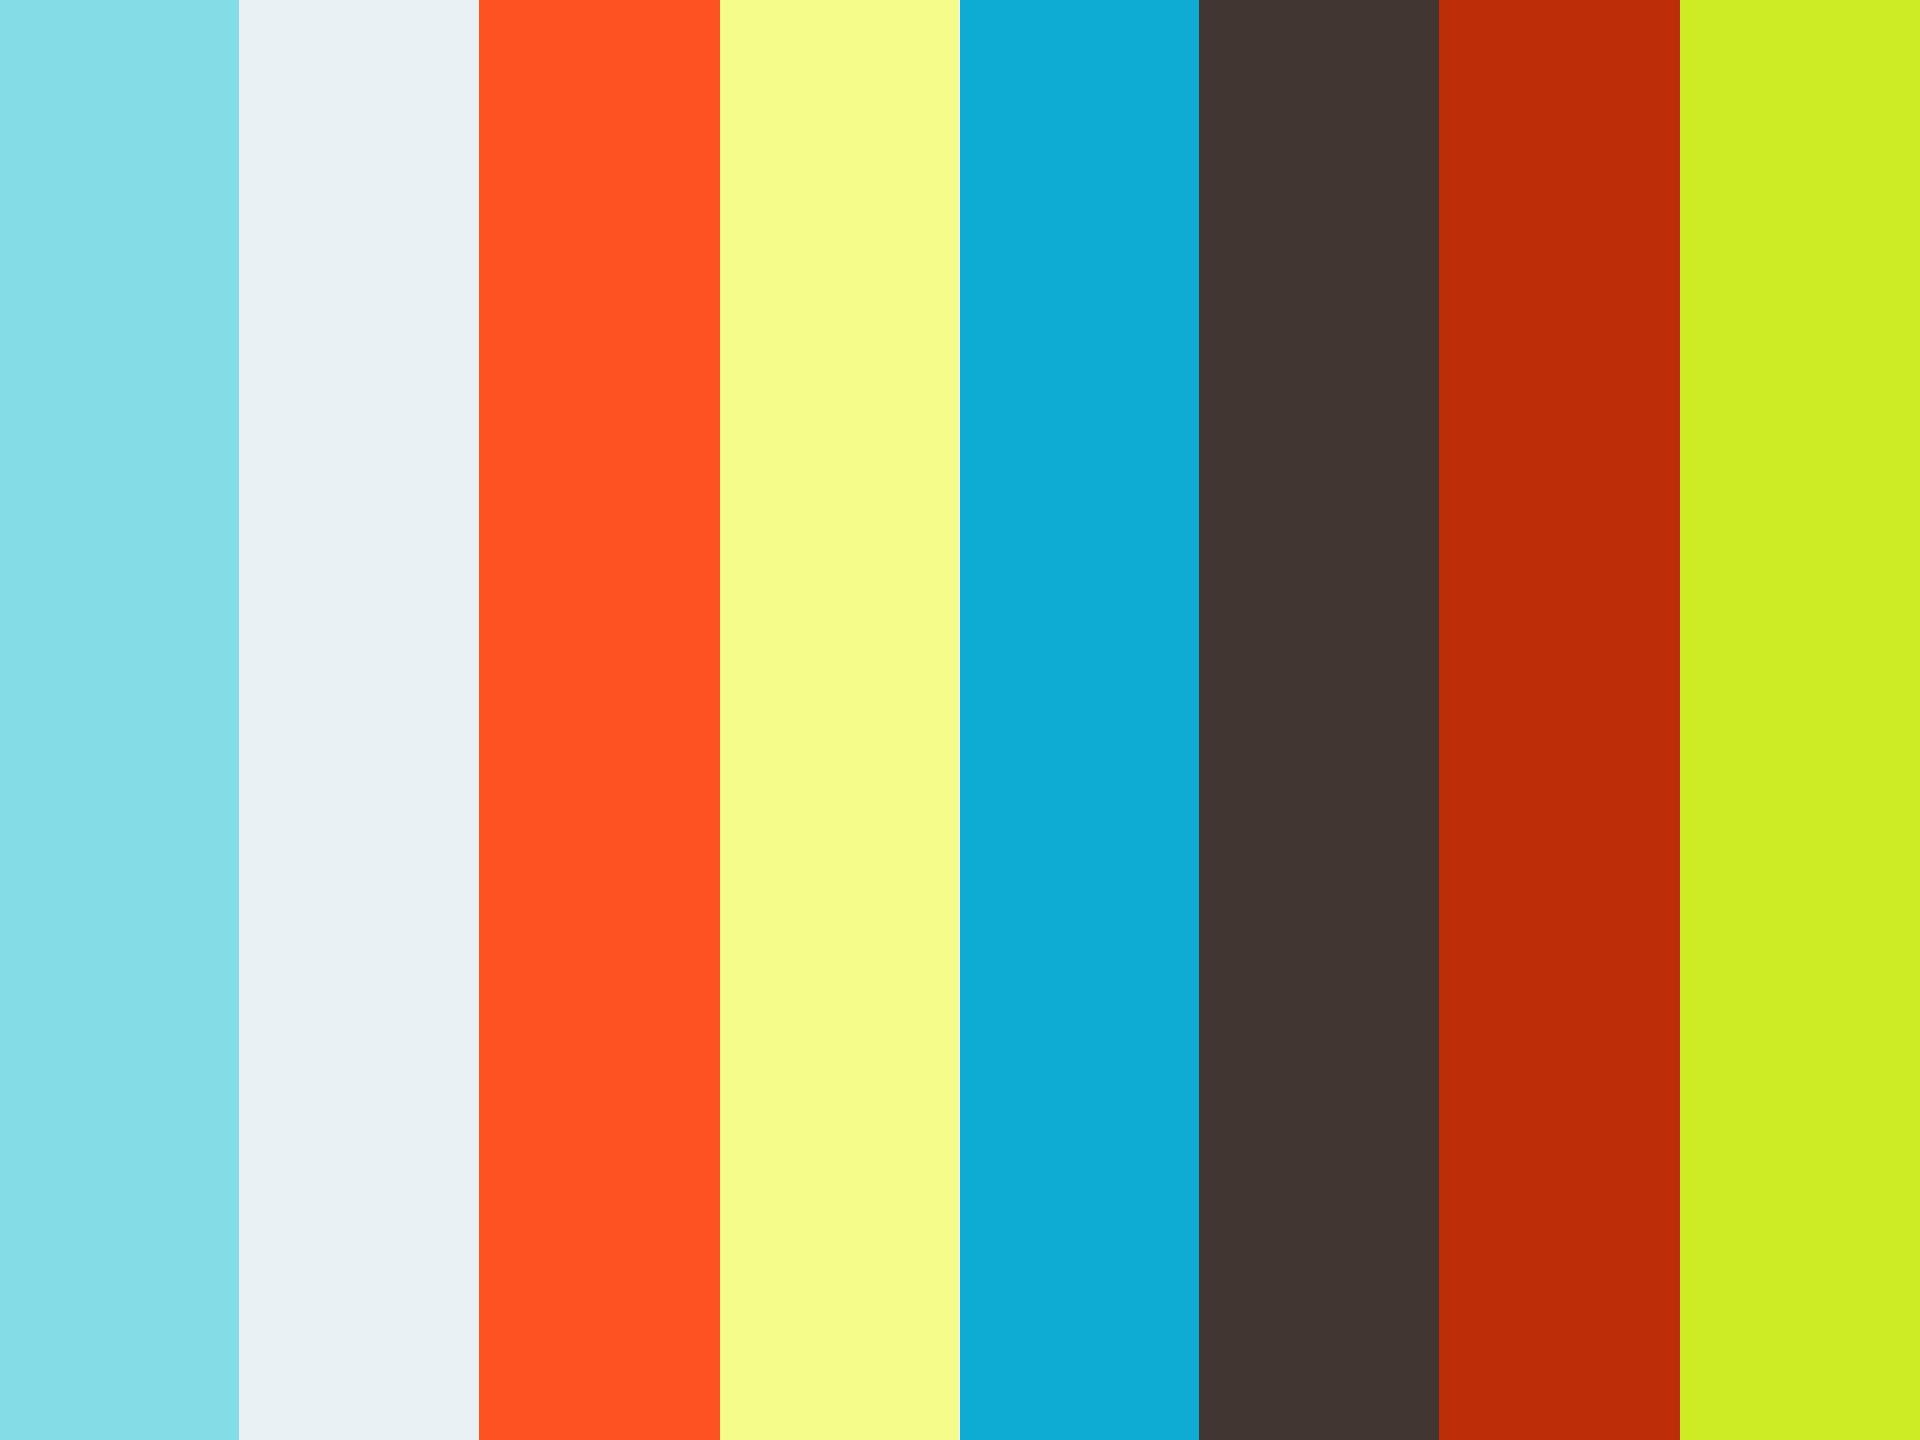 【LIVE】明日からできるデジタルカウンセリング 〜With コロナでも収益向上の秘策〜